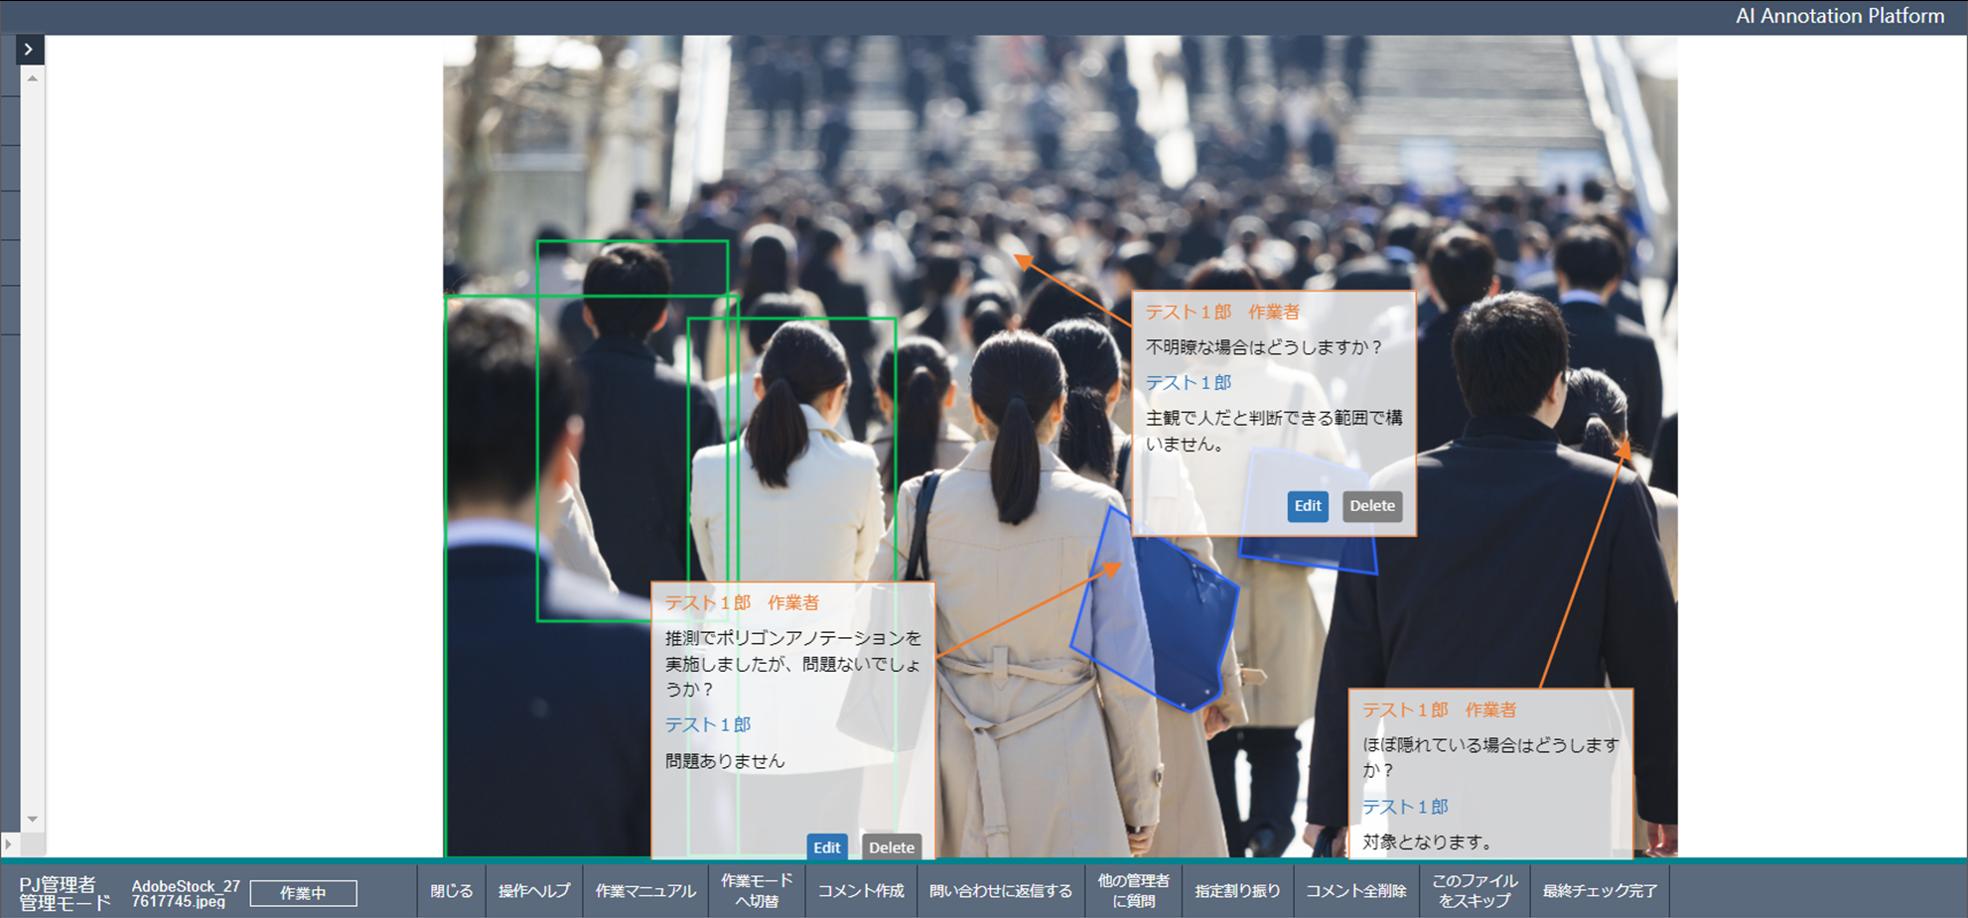 AIアノテーションプラットフォーム画面イメージ